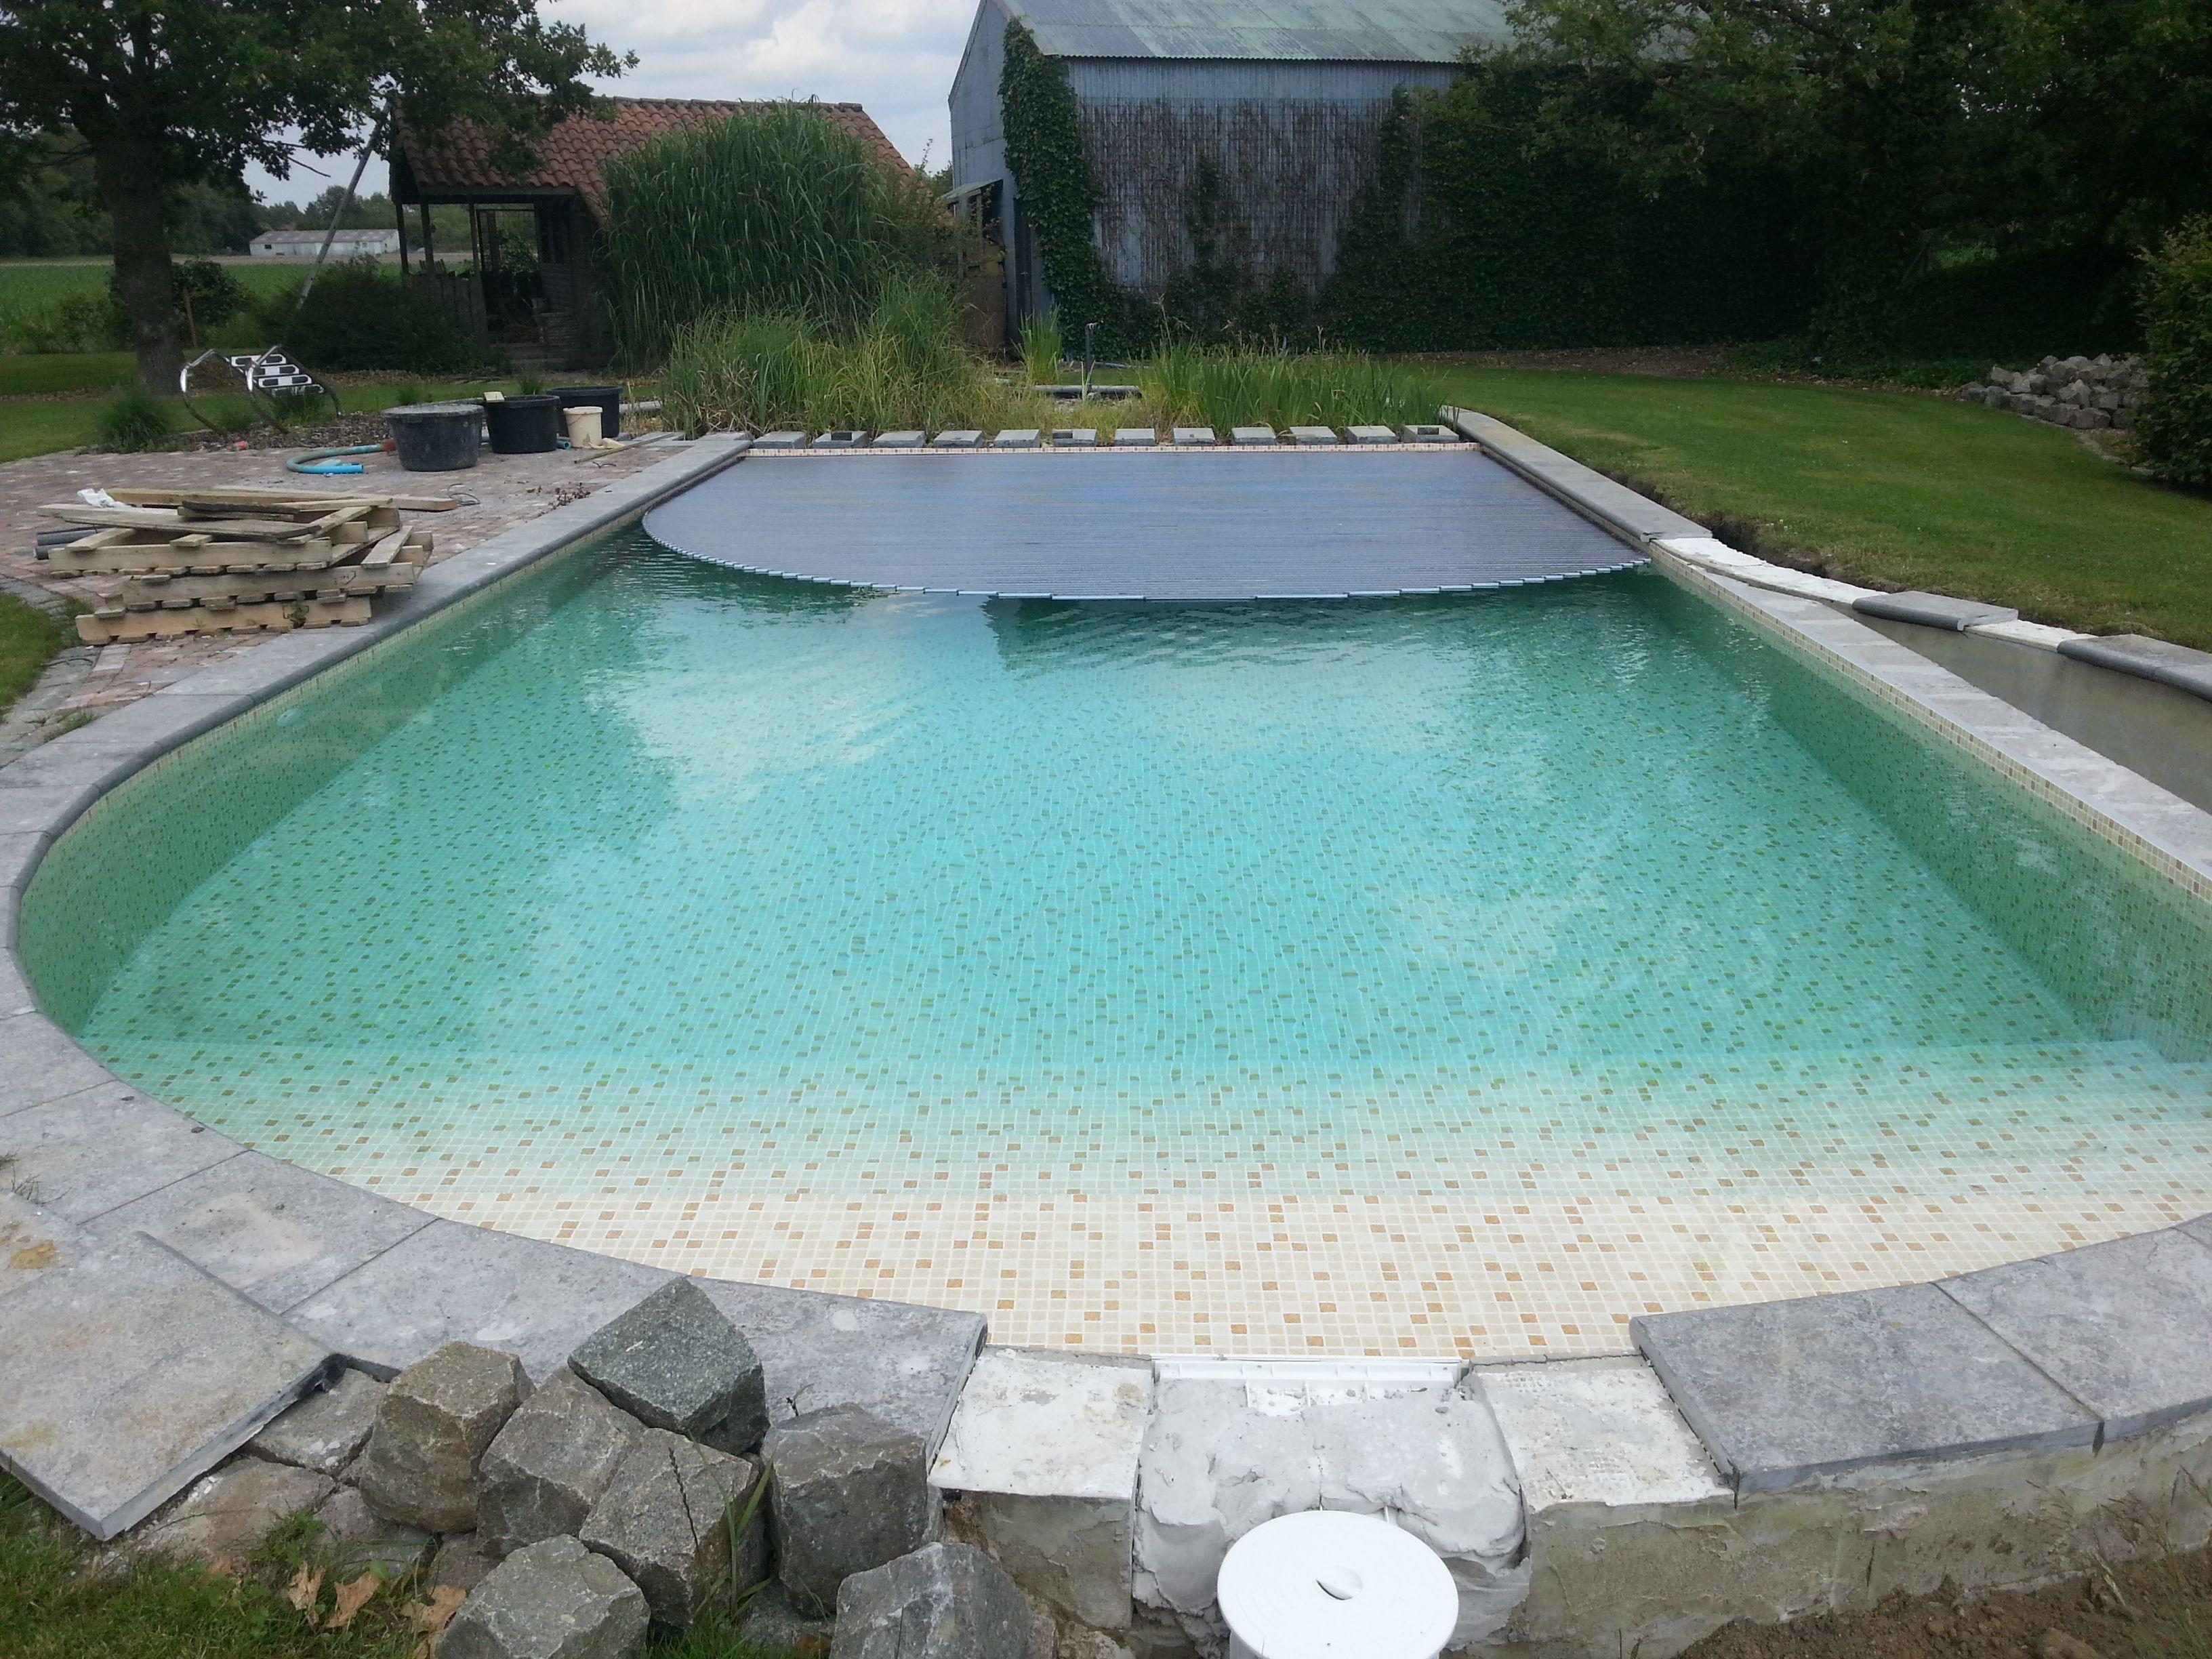 Herbouwen zwembad met liner elbe mosaic terracotta zwembaden jr